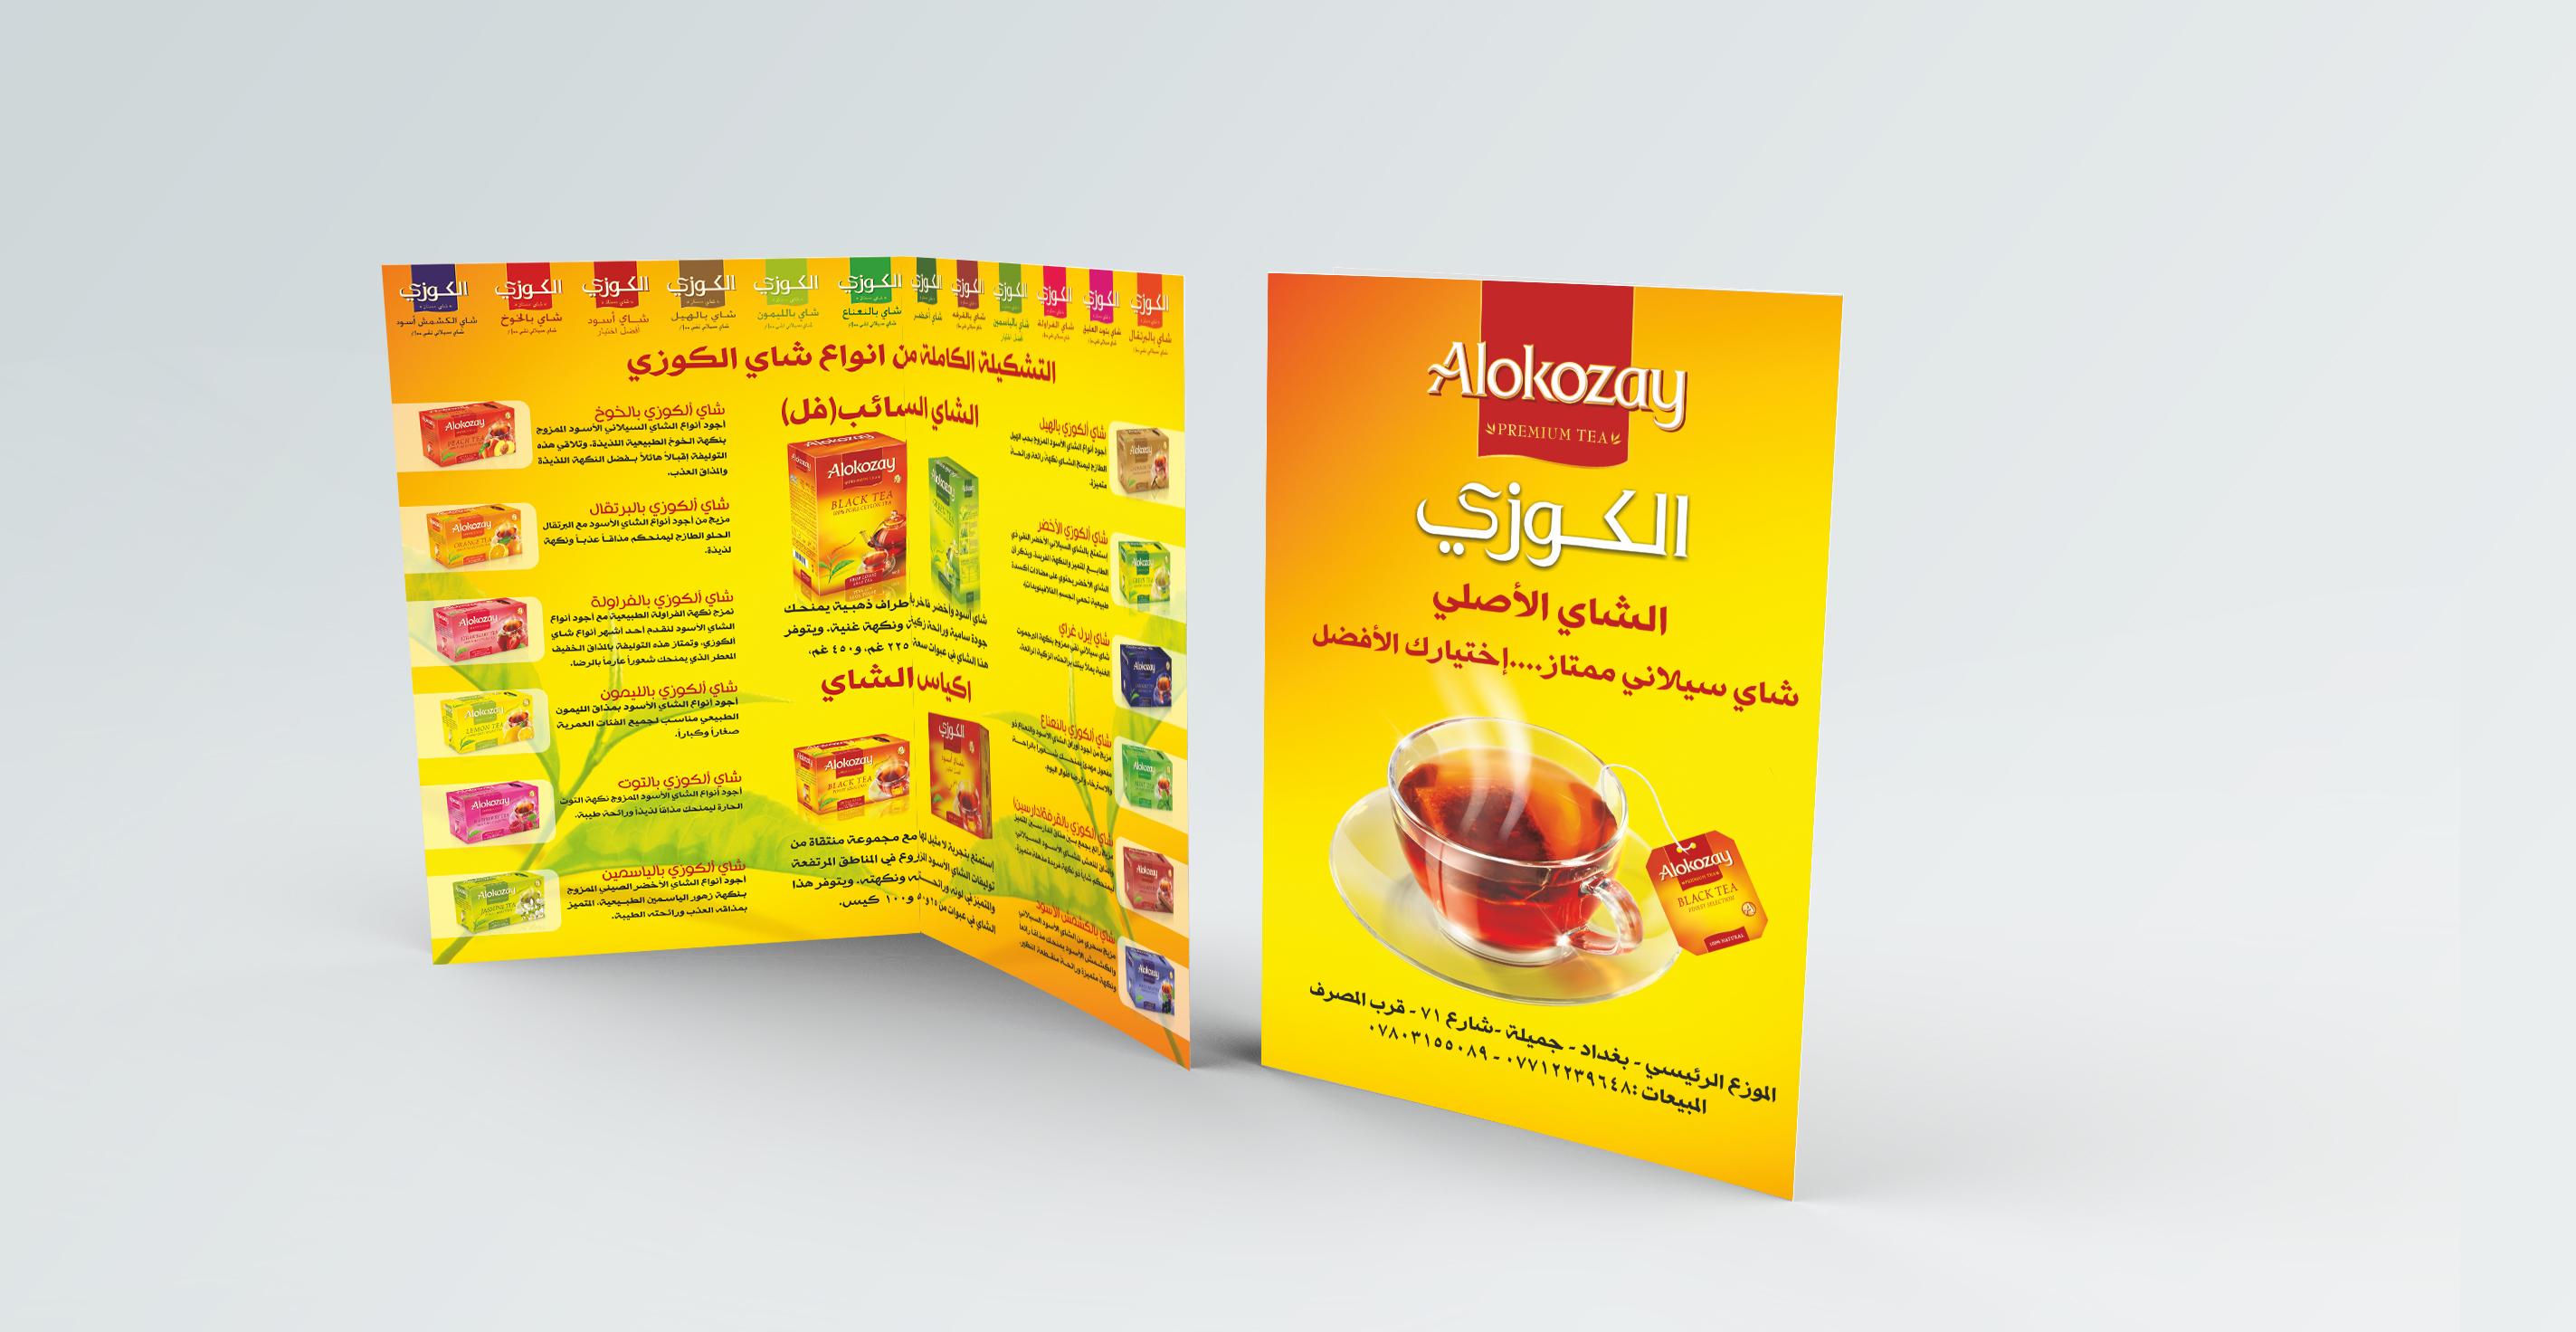 تصميم وطباعة فولدر تعريفي بمنتجات شاي الكوزي